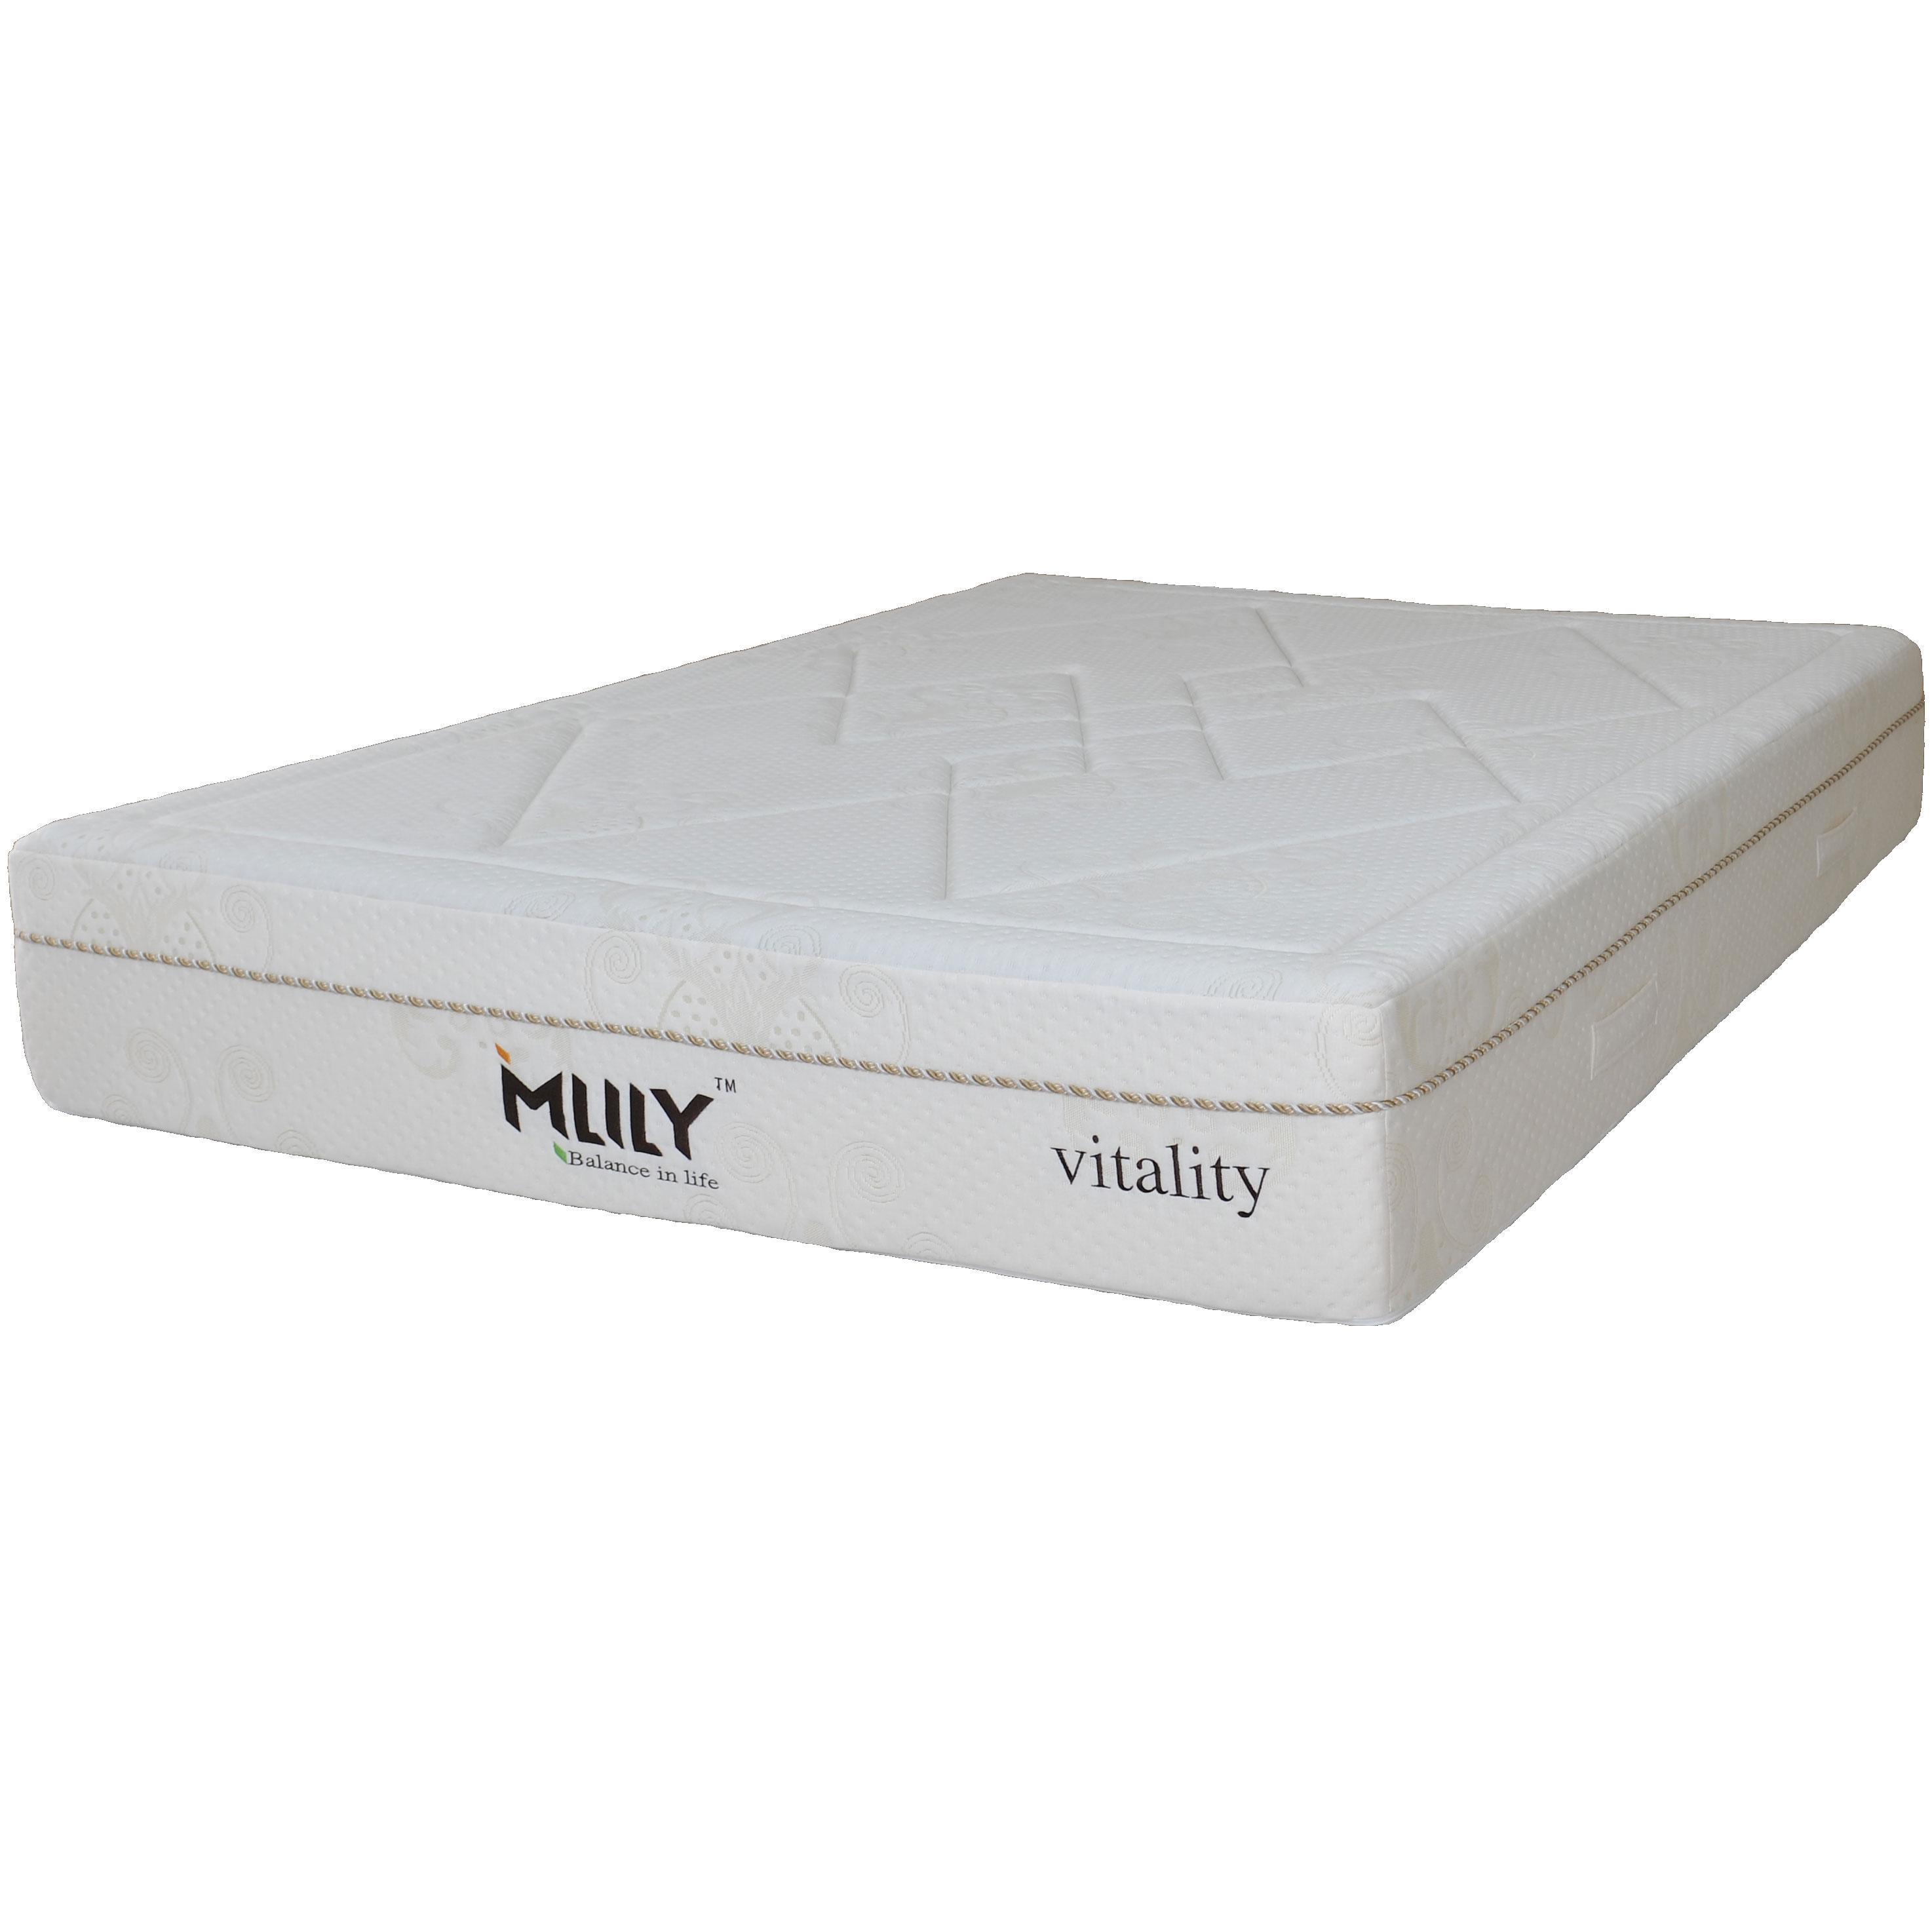 Mlily Vitality Twin Extra Long Memory Foam Mattress Nassau